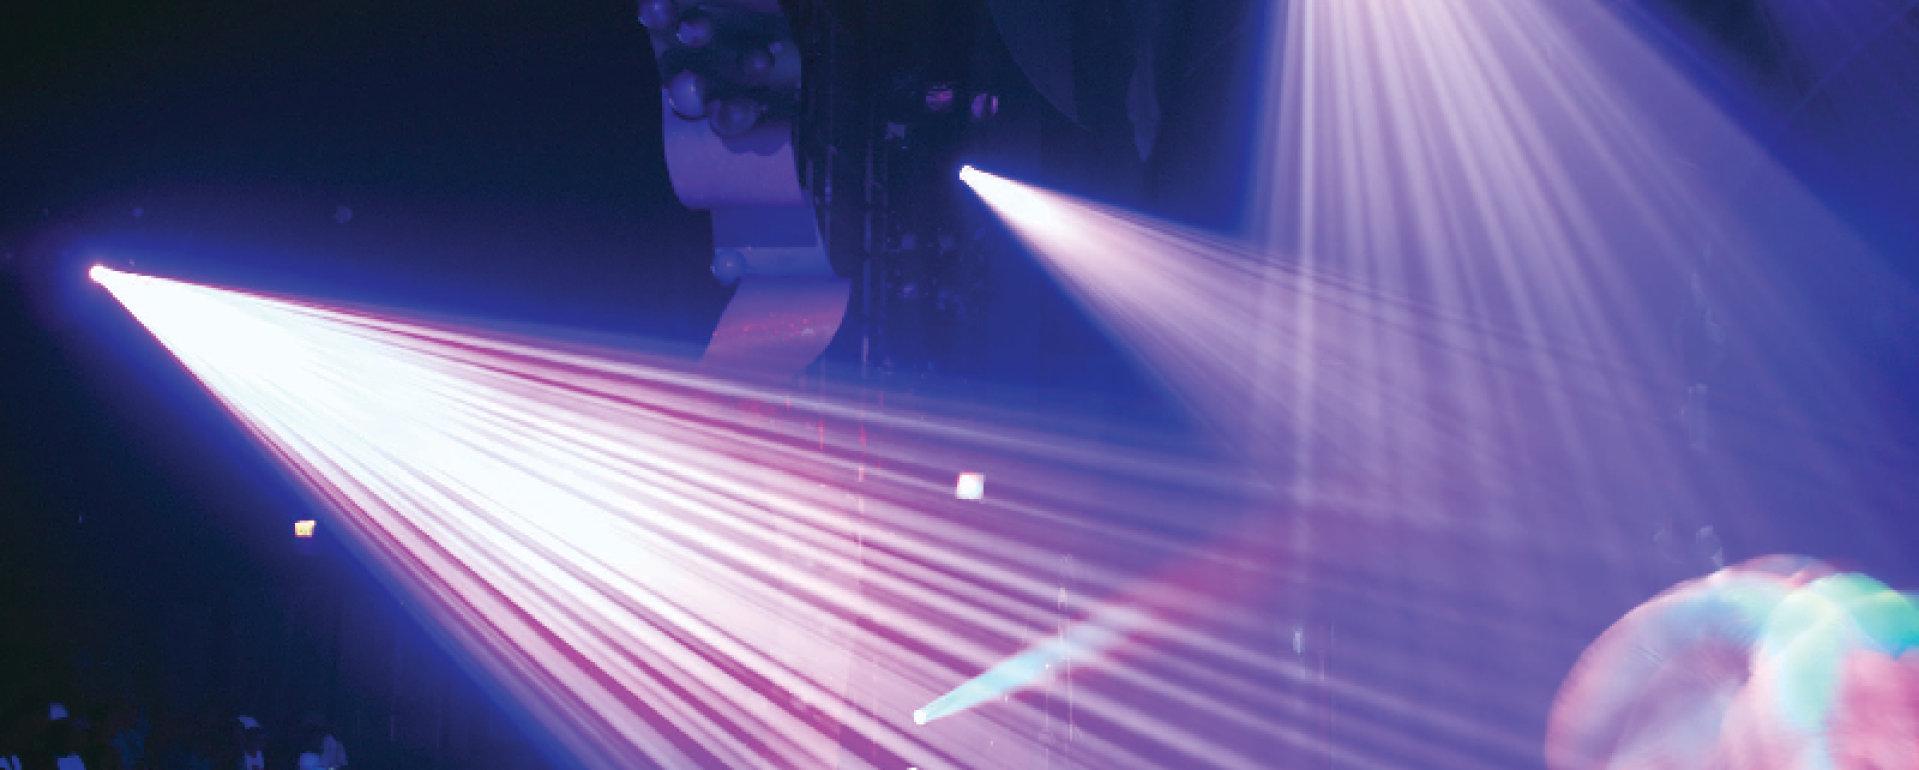 SplitStar S32 - Luminance is the key